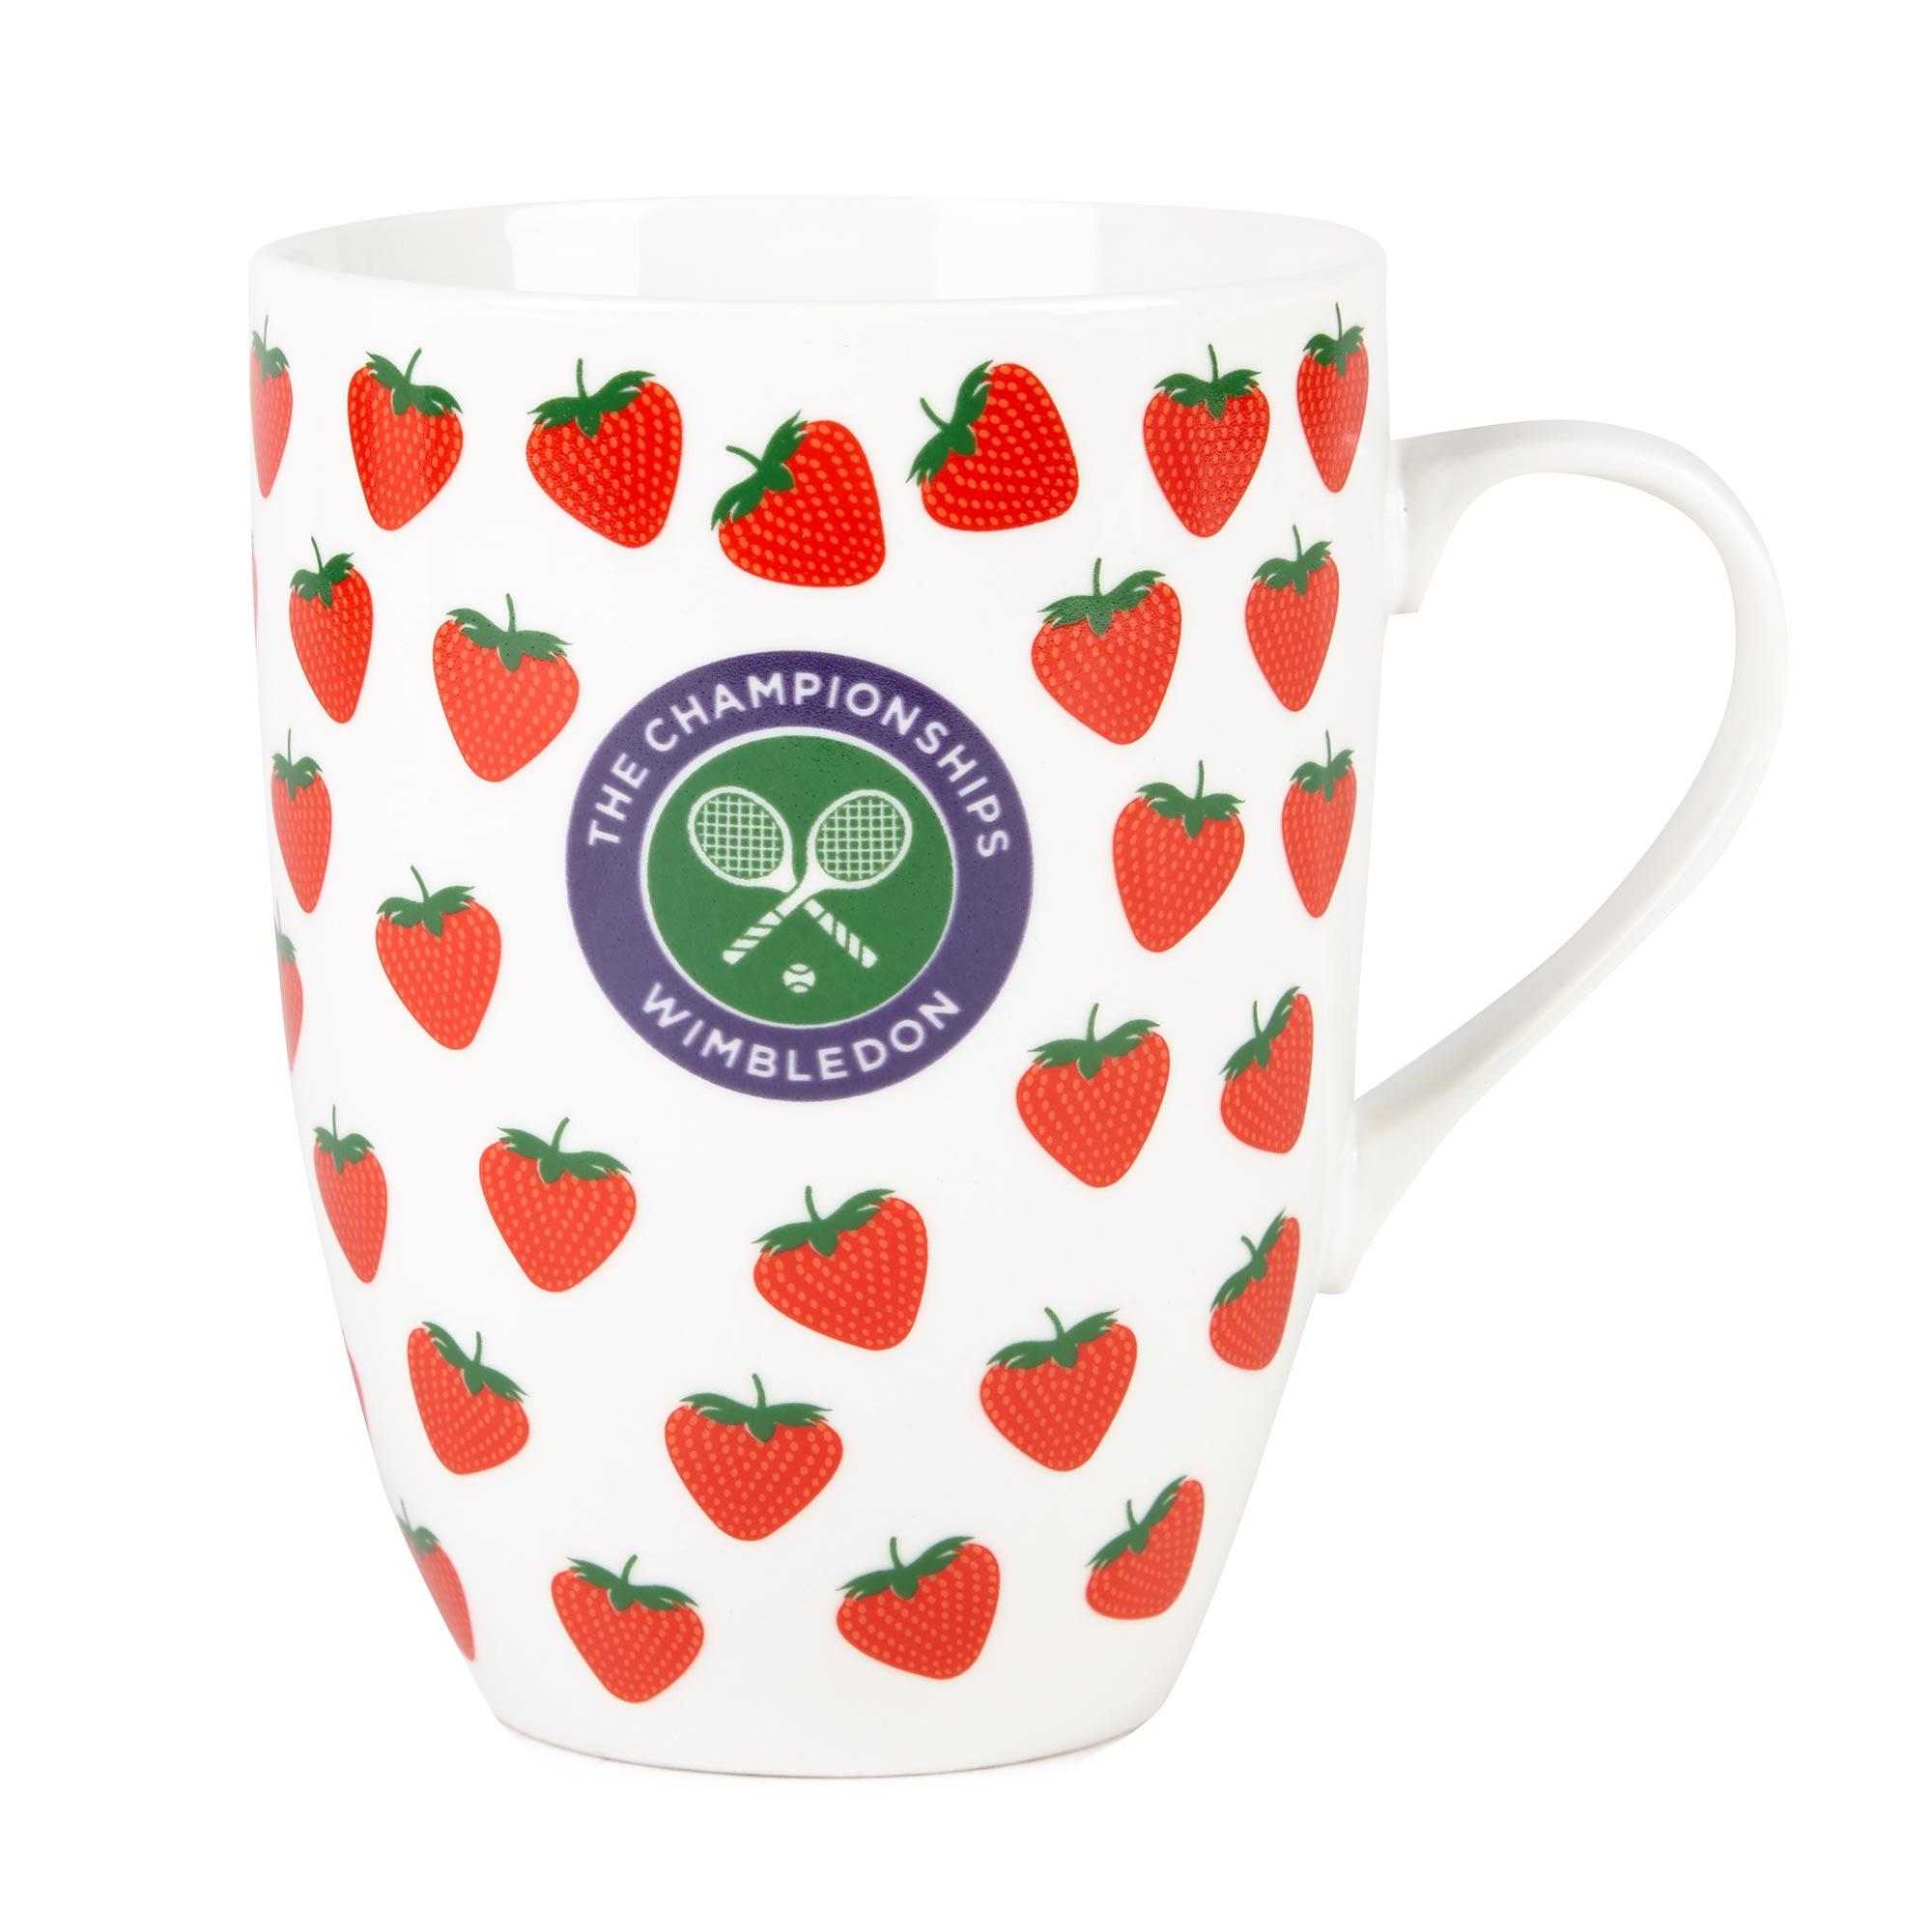 Wimbledon Strawberry Mug - New